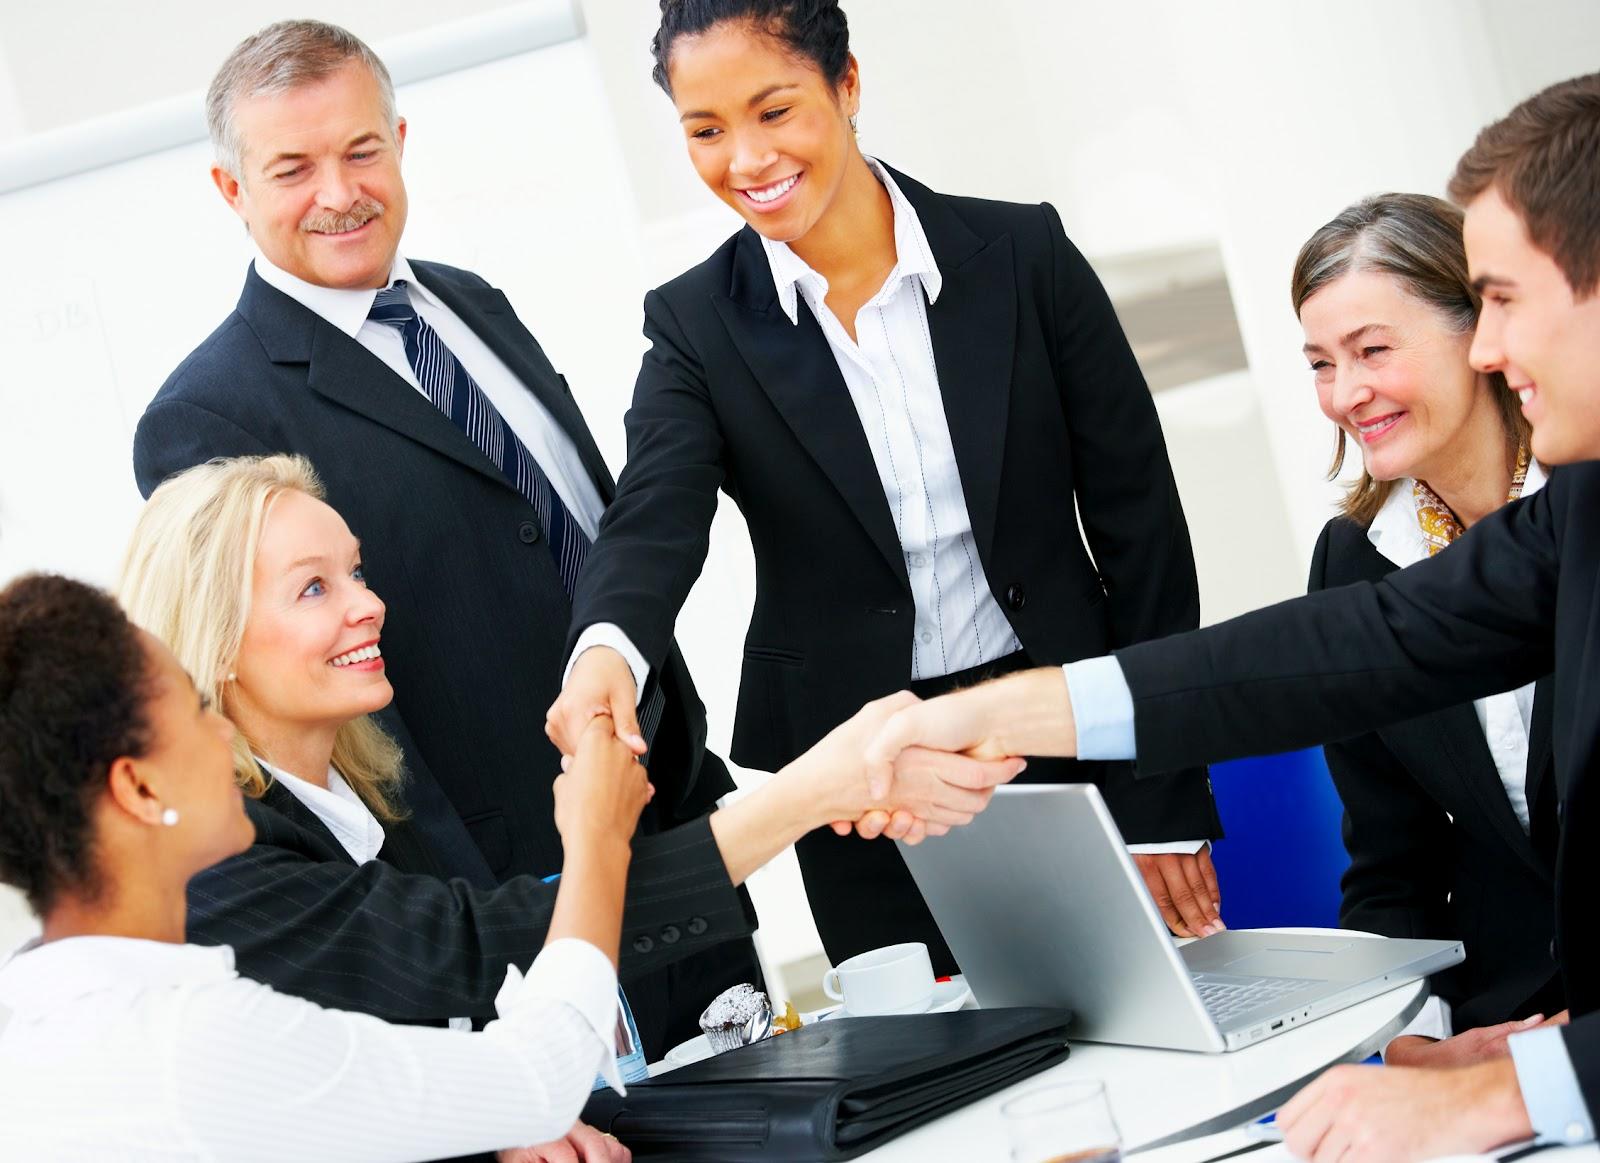 """Công việc hành chính nhân sự là gì? có nên """"cắt giảm"""" bộ phận này?"""